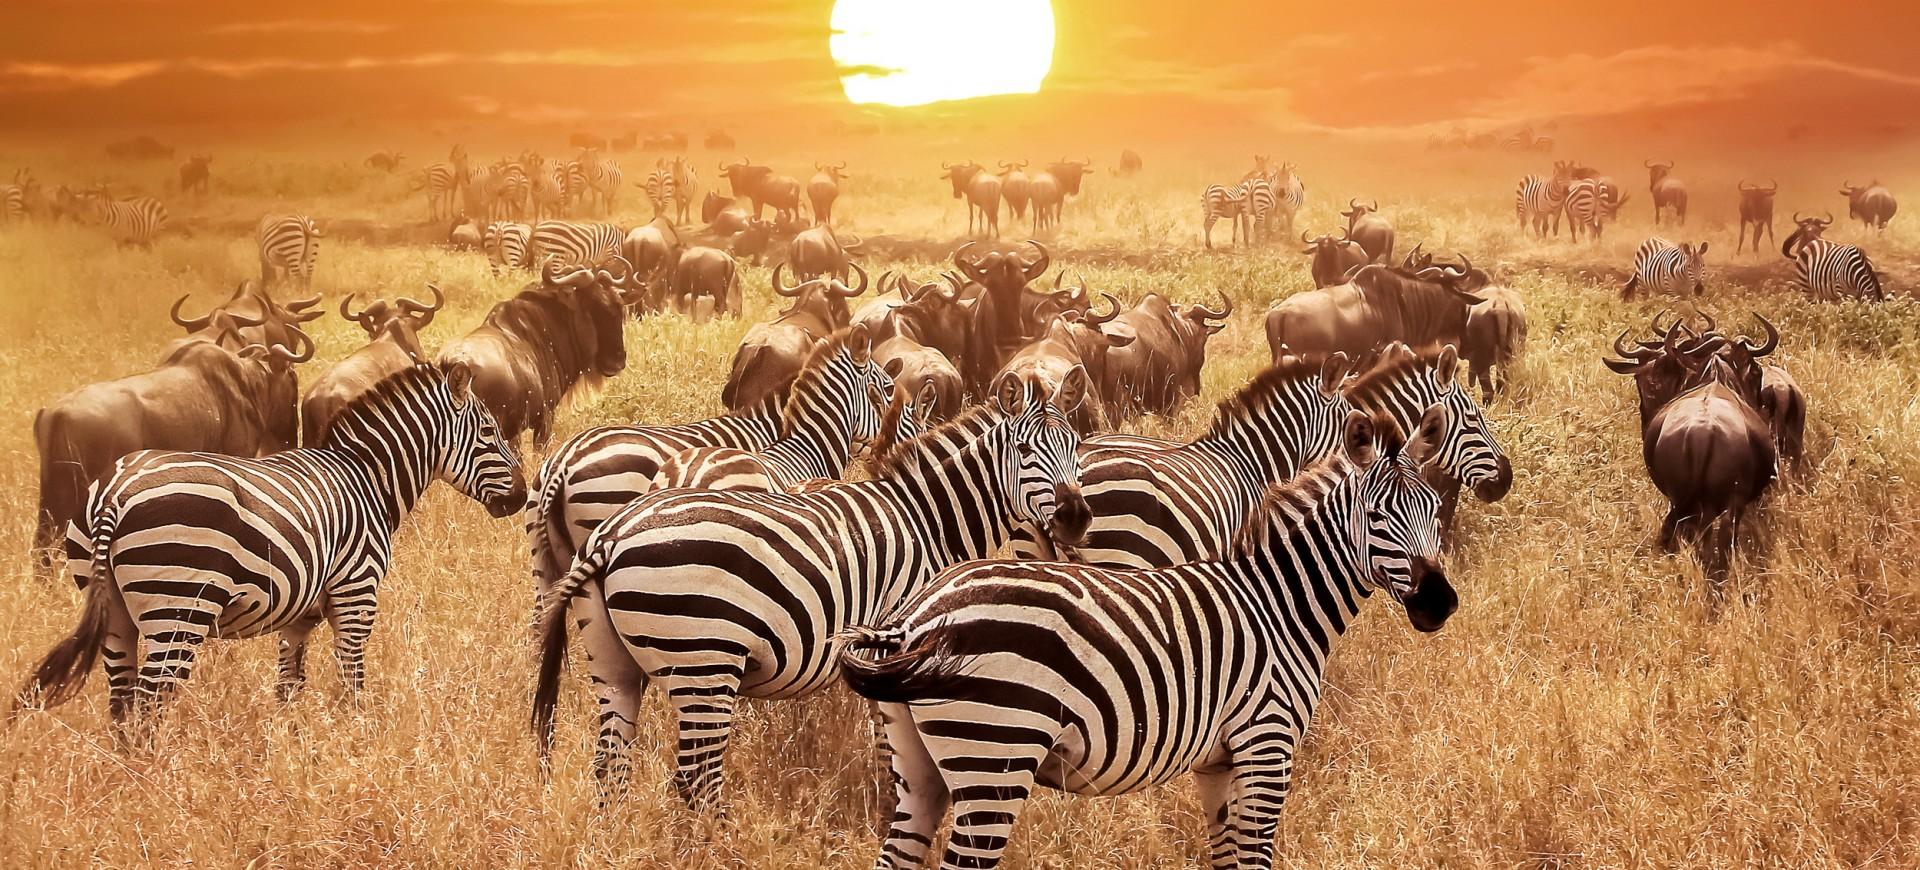 Nos voyages et séjours en Afrique